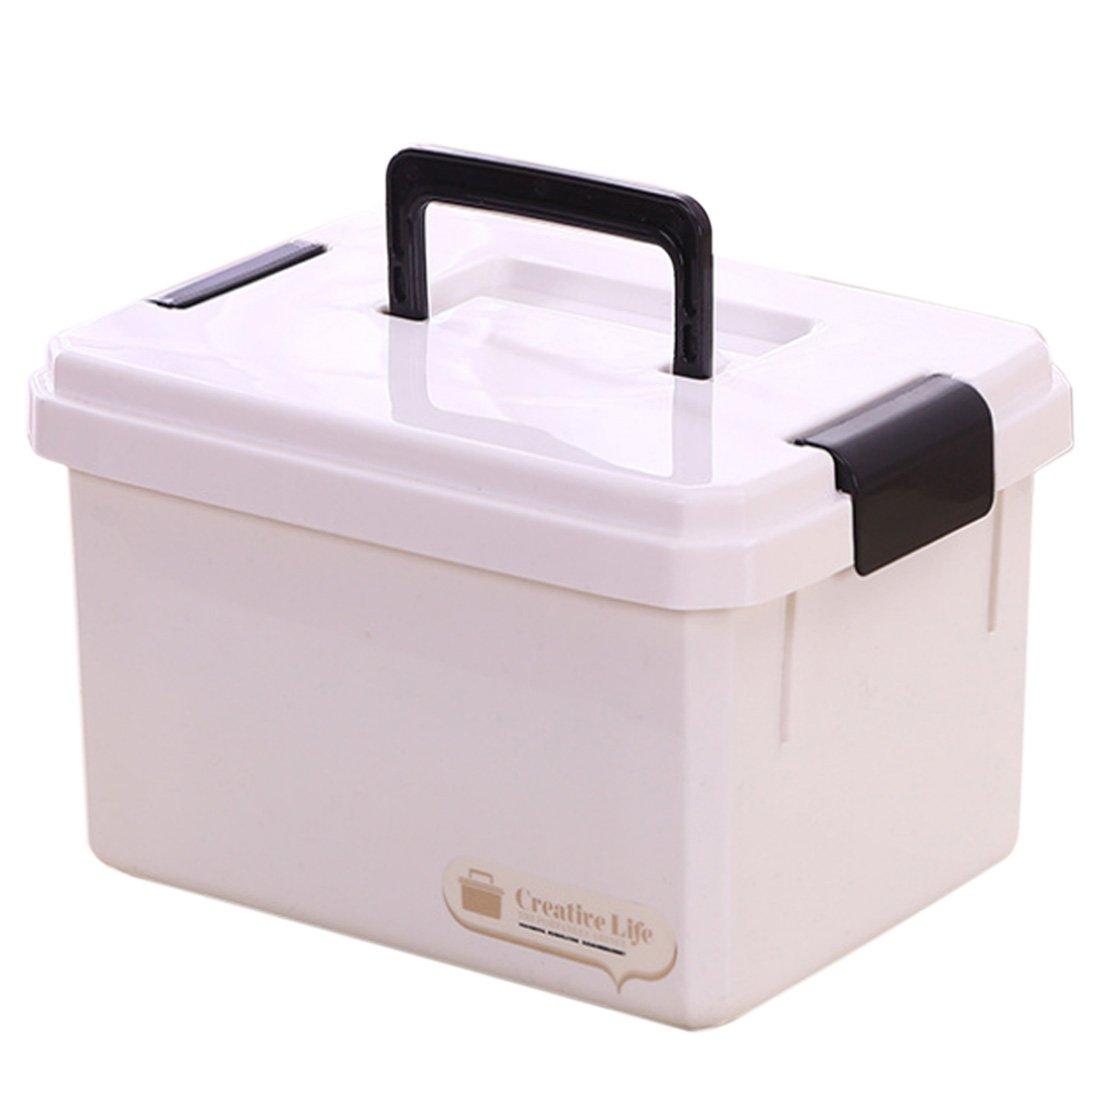 Portables M/édecine Stockage,6.5L Tosbess Bo/îte Multi-Usage /à Pharmacie avec Poign/ée de Transport Barres